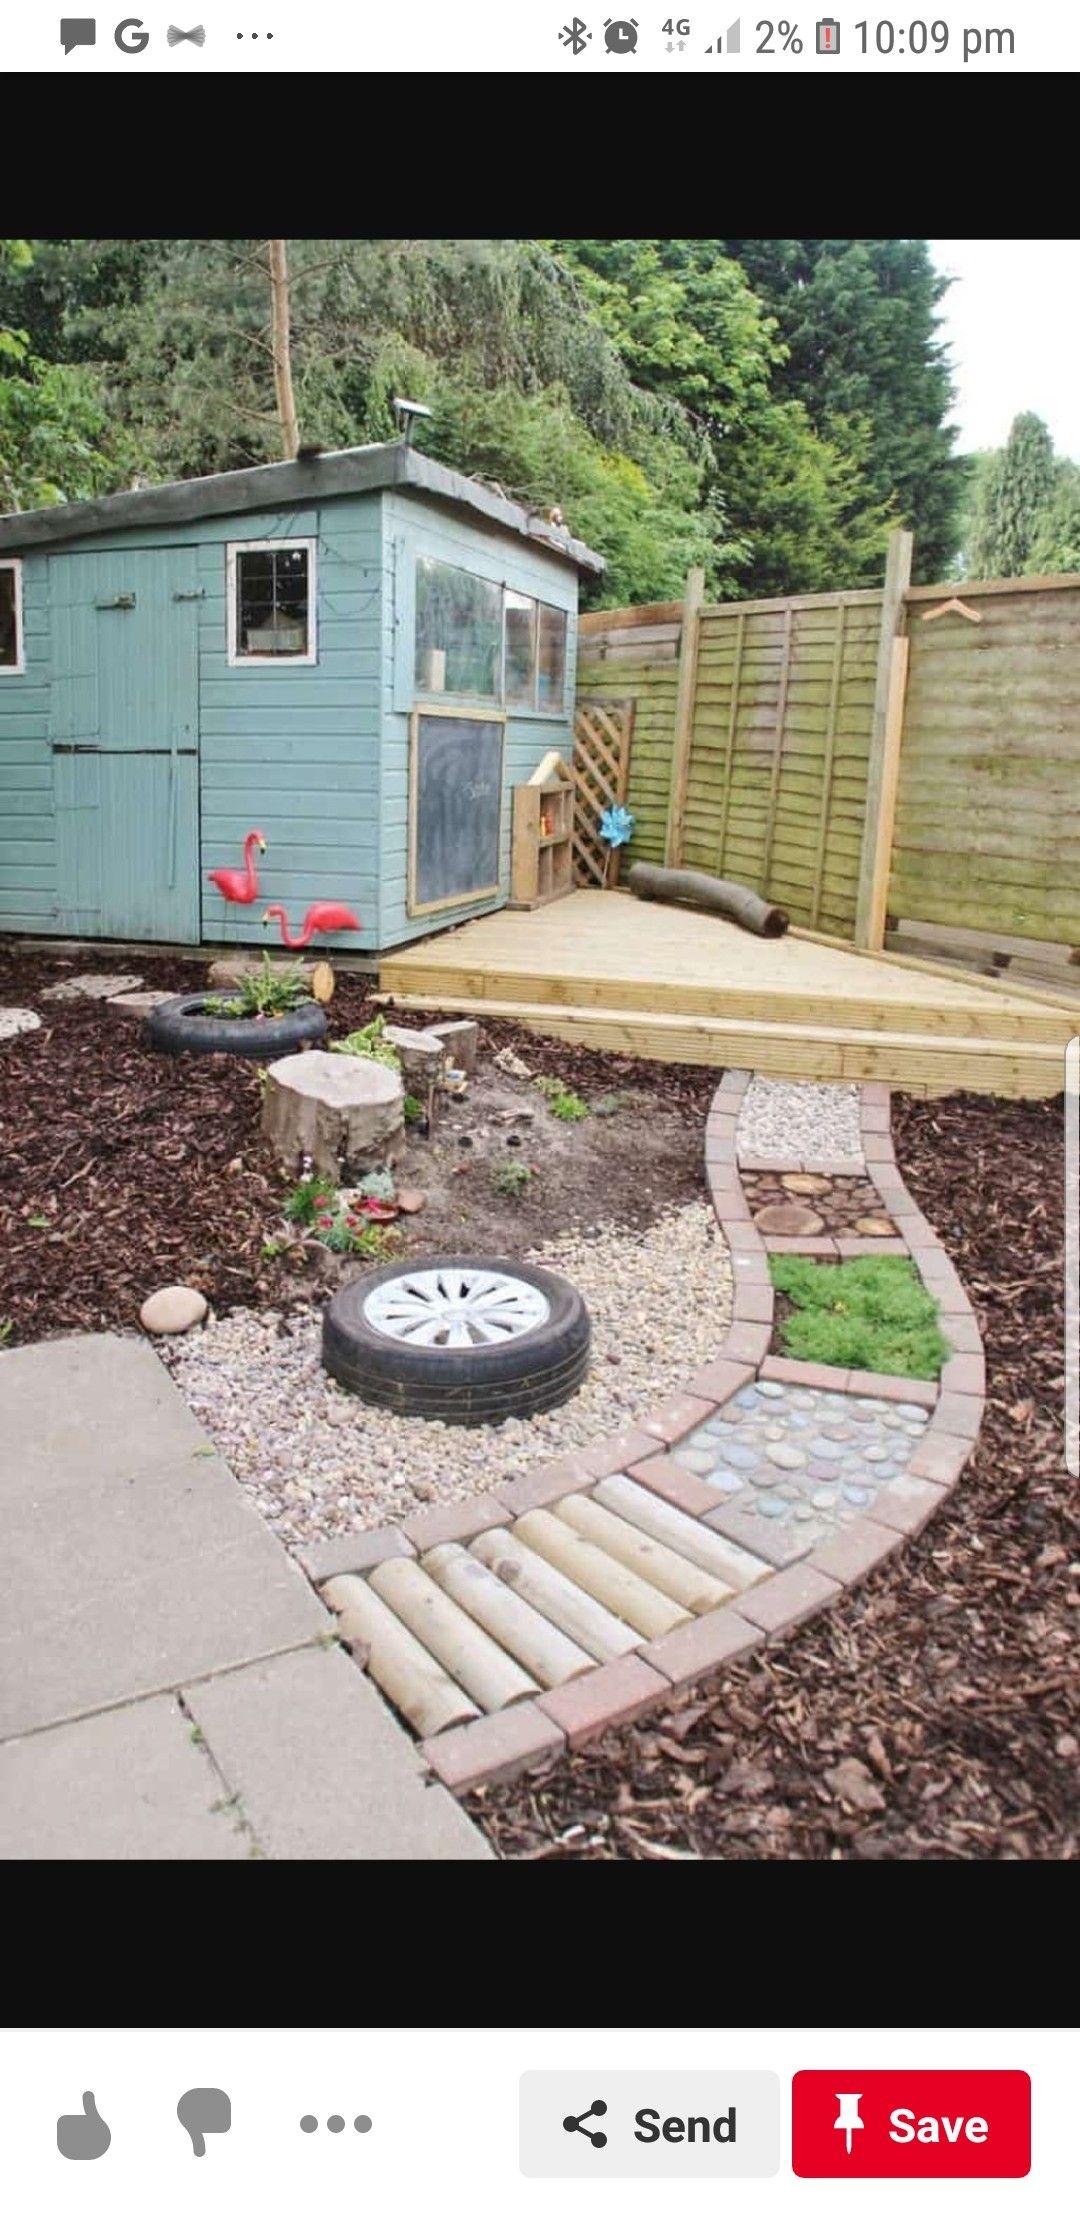 Pin by Janet conrad on luke | Backyard play, Small ...